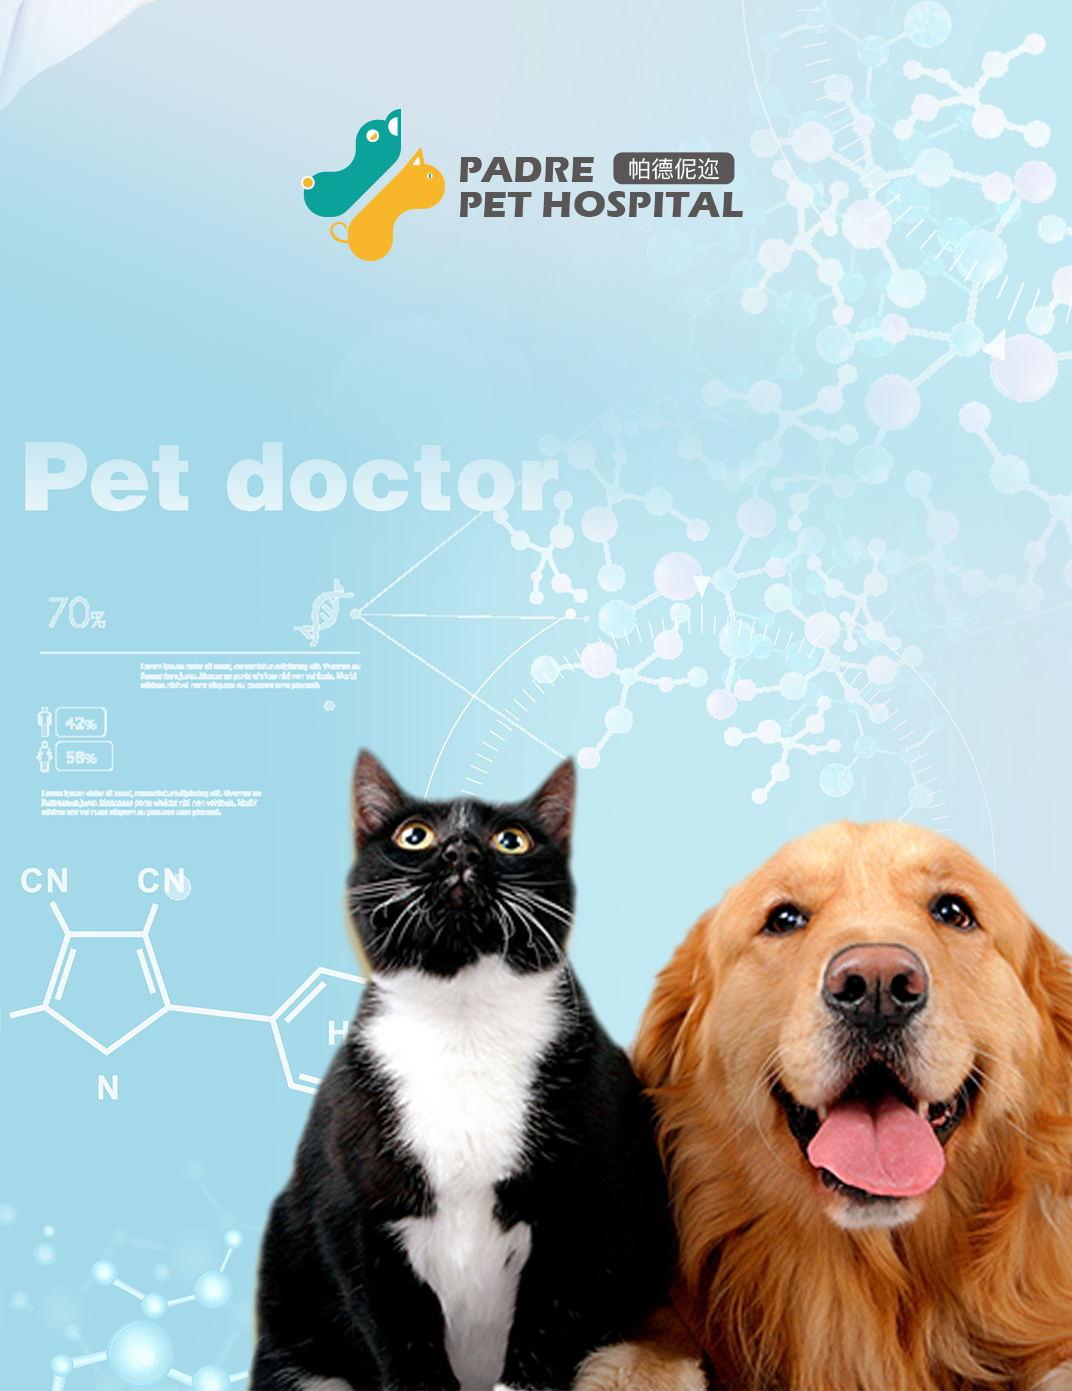 【logo设计】帕德伲迩宠物医院 #追赤视觉